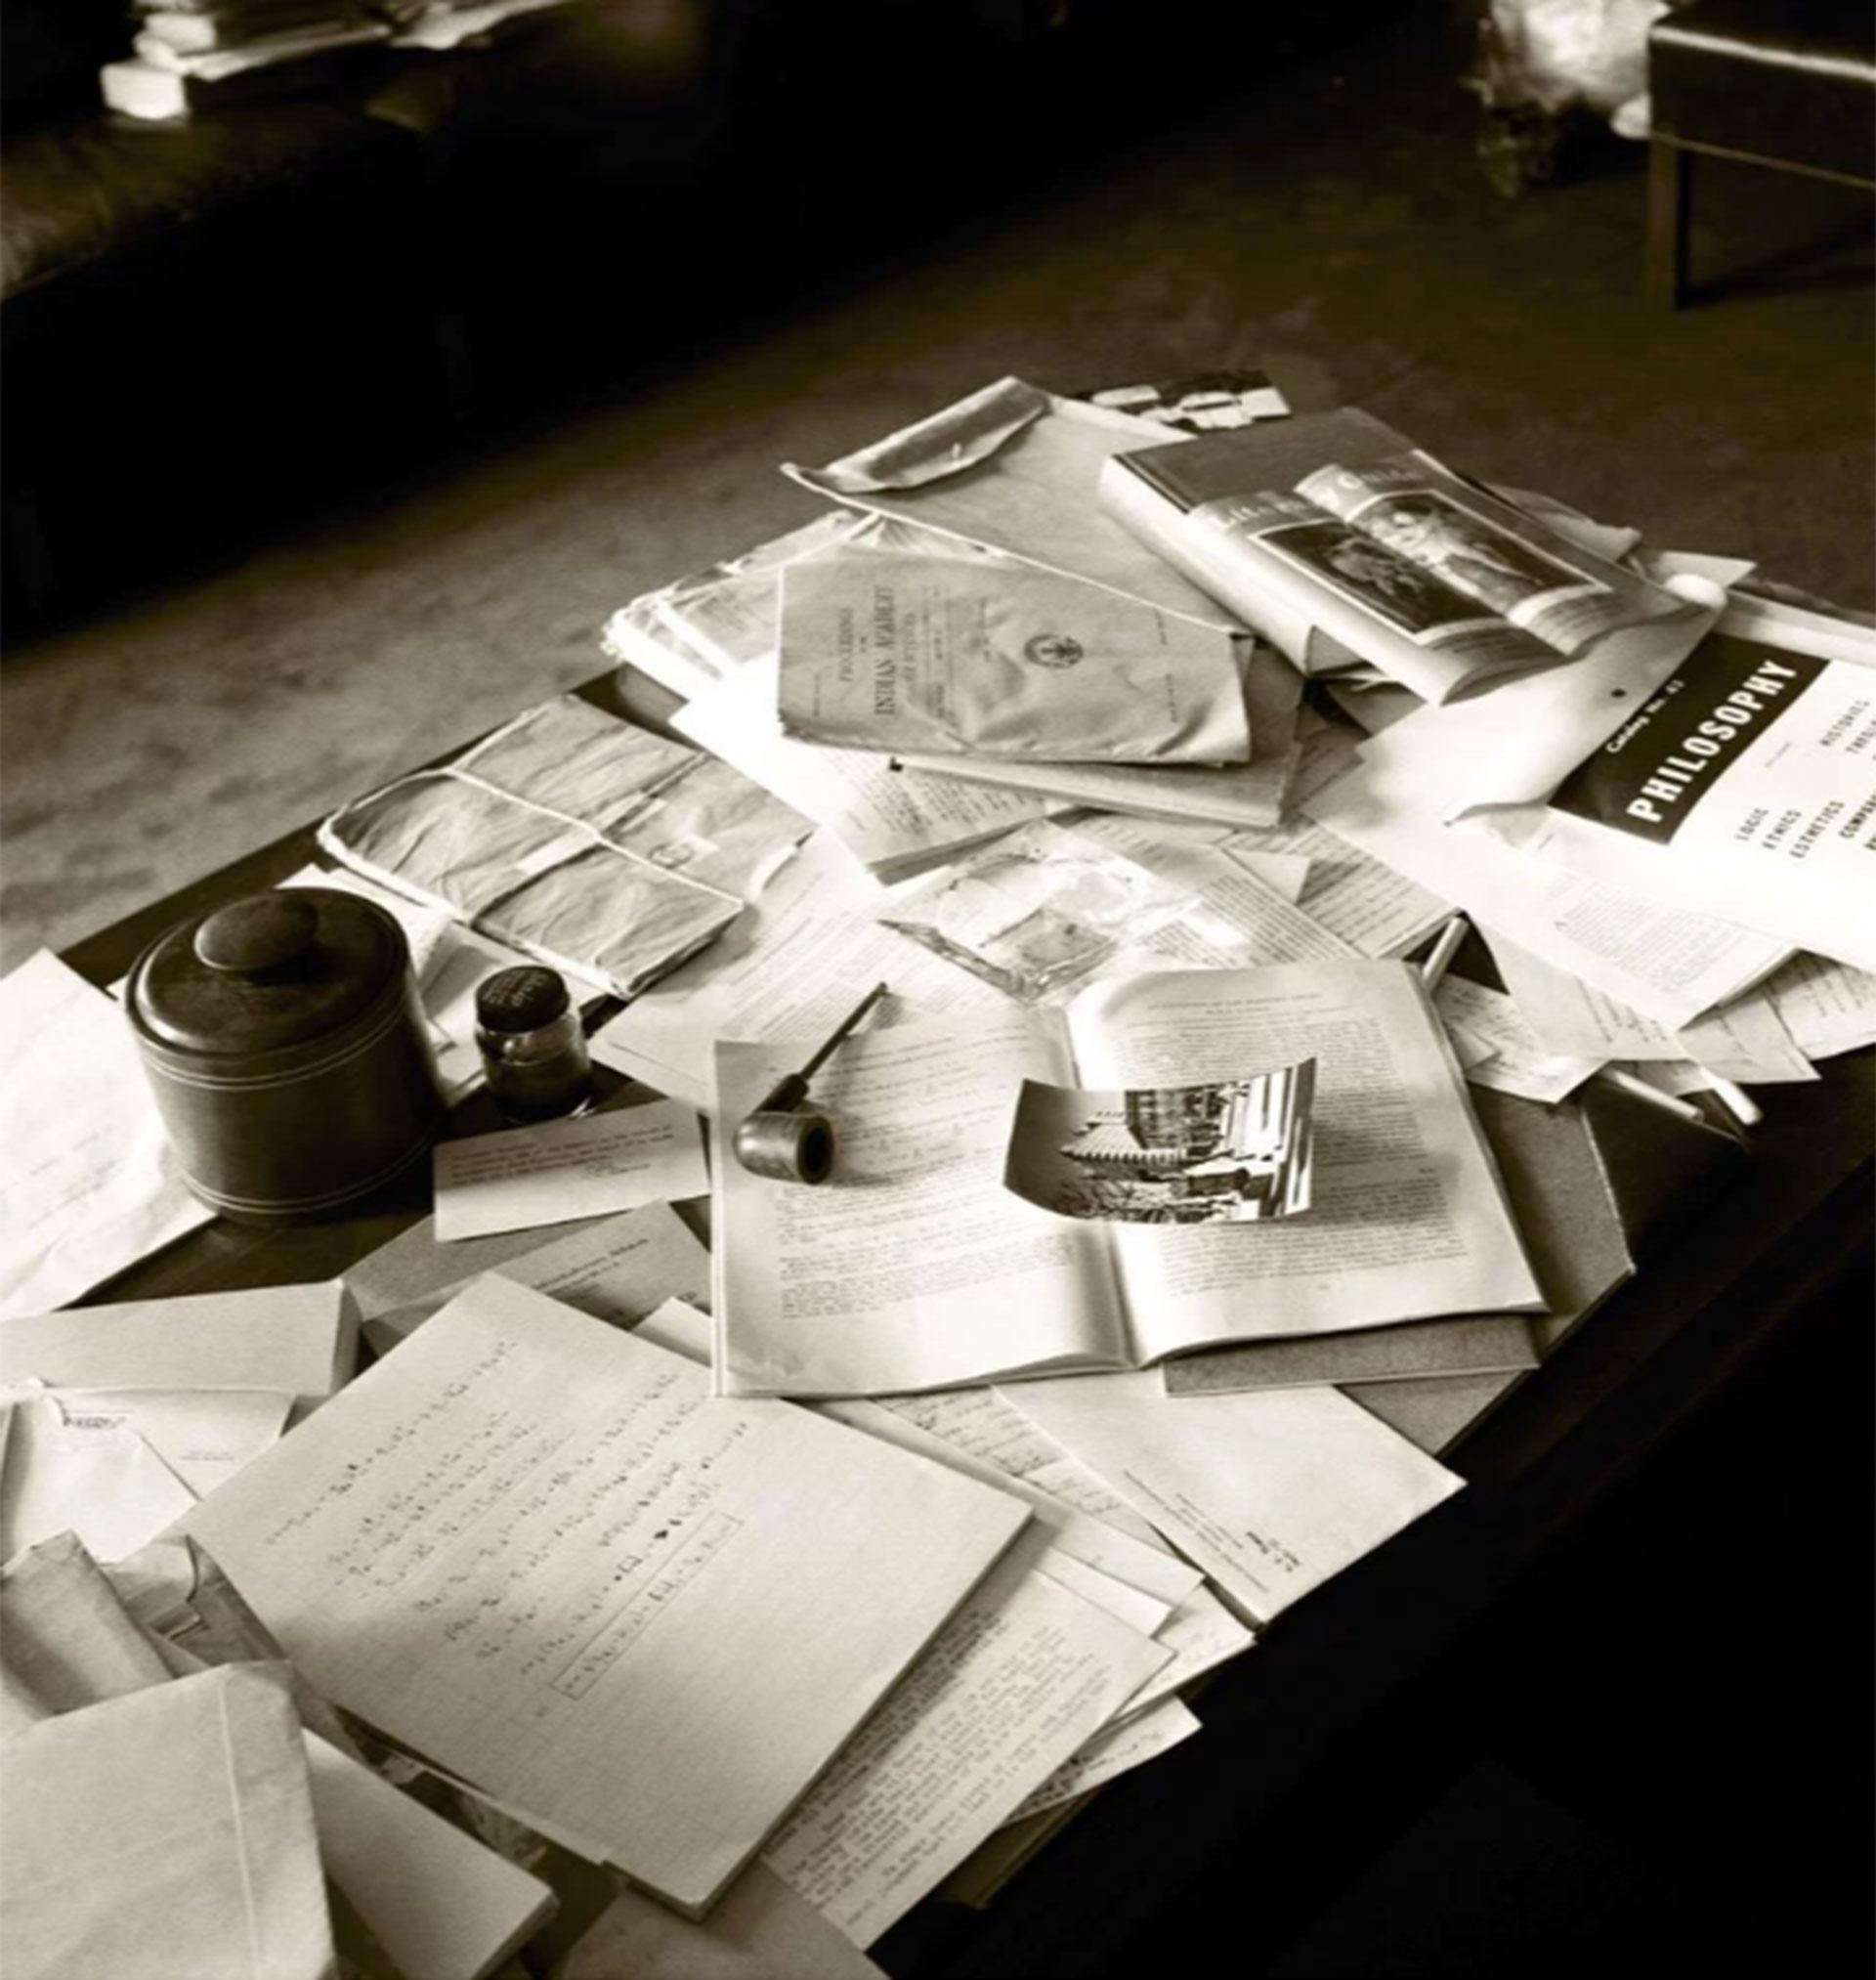 Una pipa, una fotografía, un tintero, libros… así estaba el escritorio de Albert Einstein el día que murió (Ralph Morse -Life Magazine- Getty)